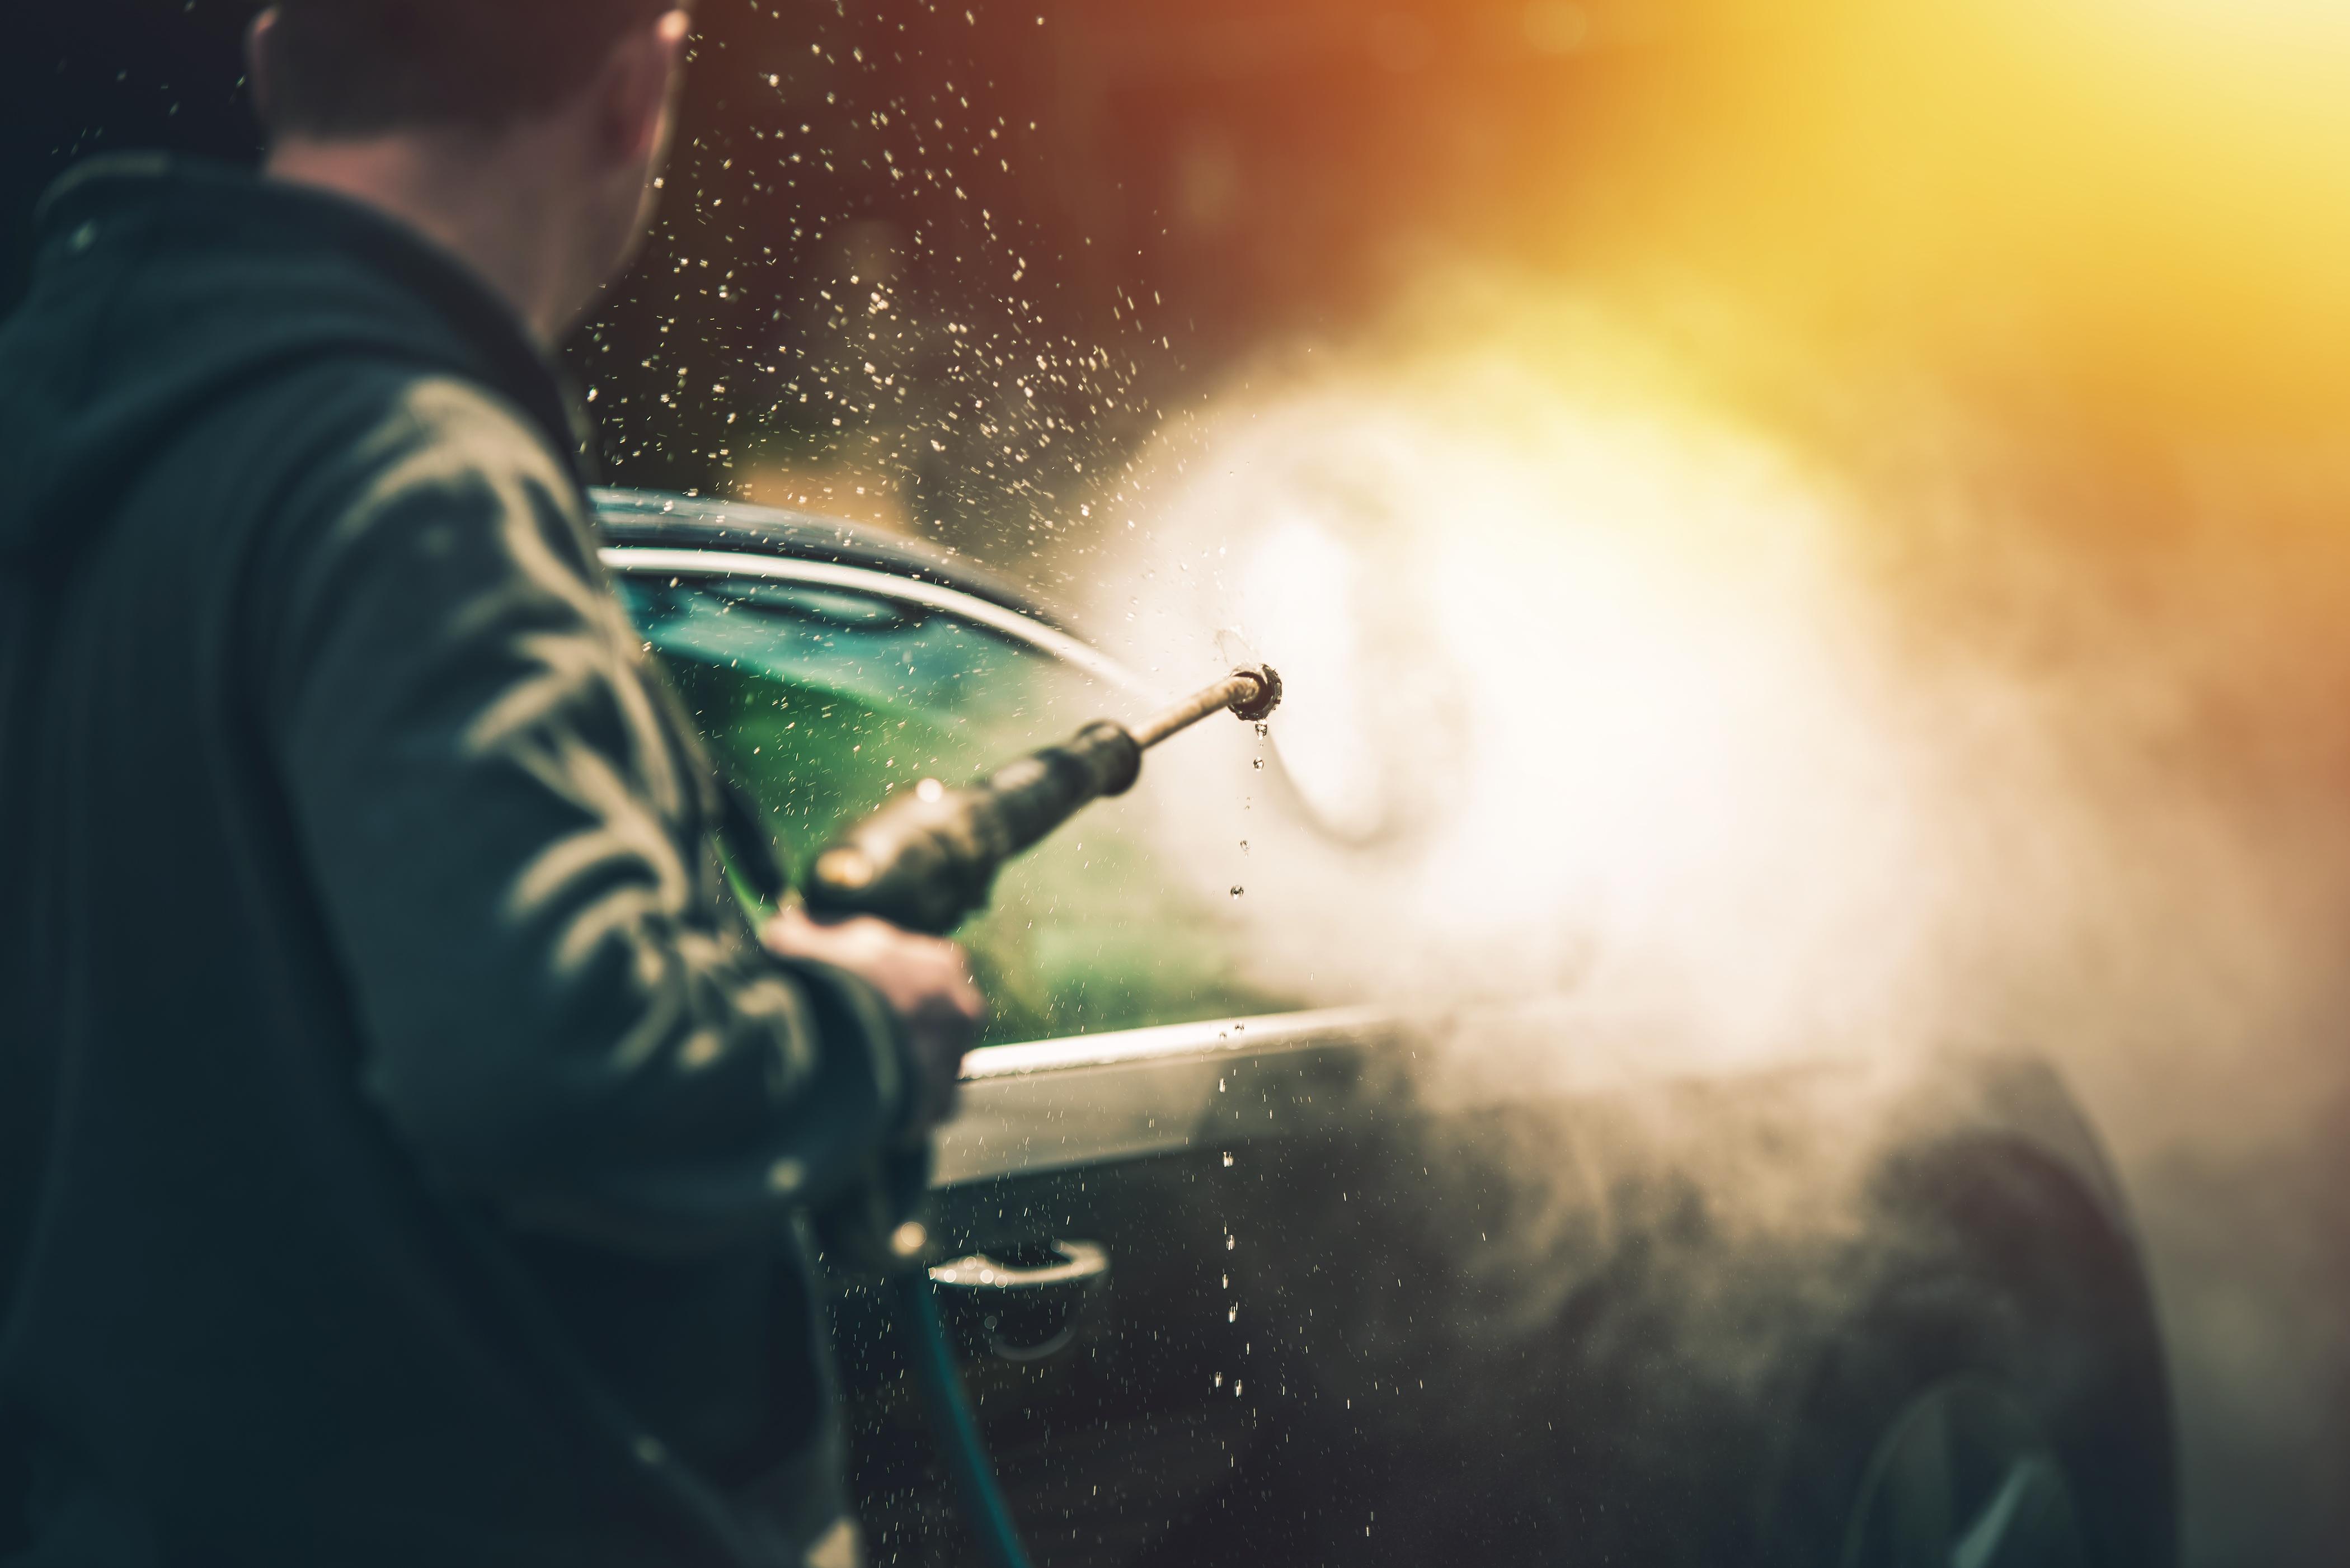 Usuwanie soli i piasku z karoserii